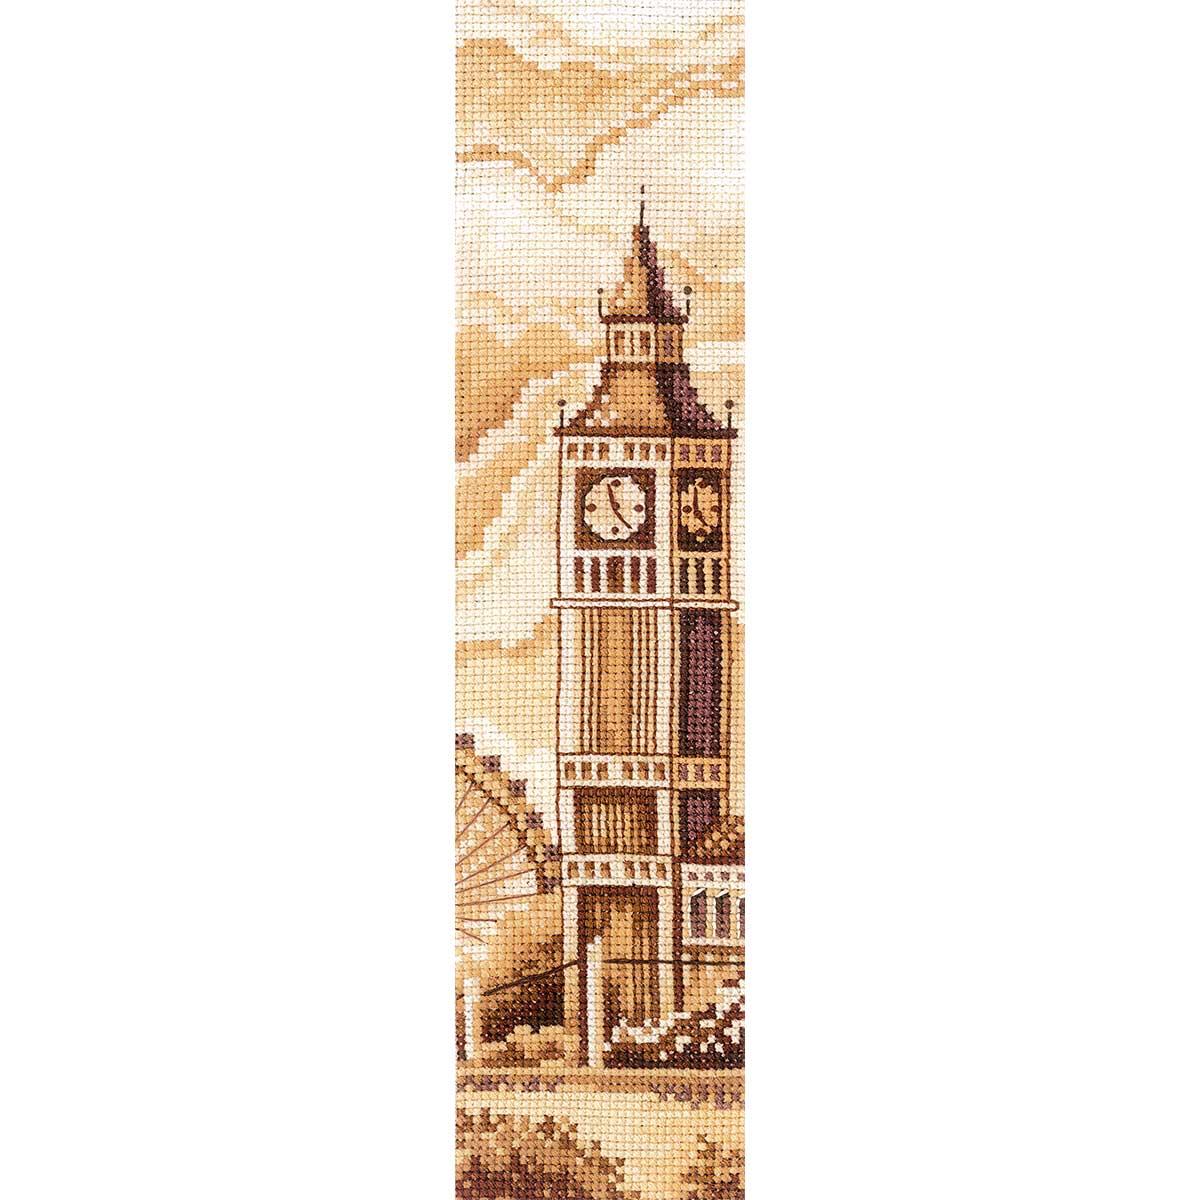 З-53 Набор для вышивания 'Закладки. Лондон' 5,5 х 22см